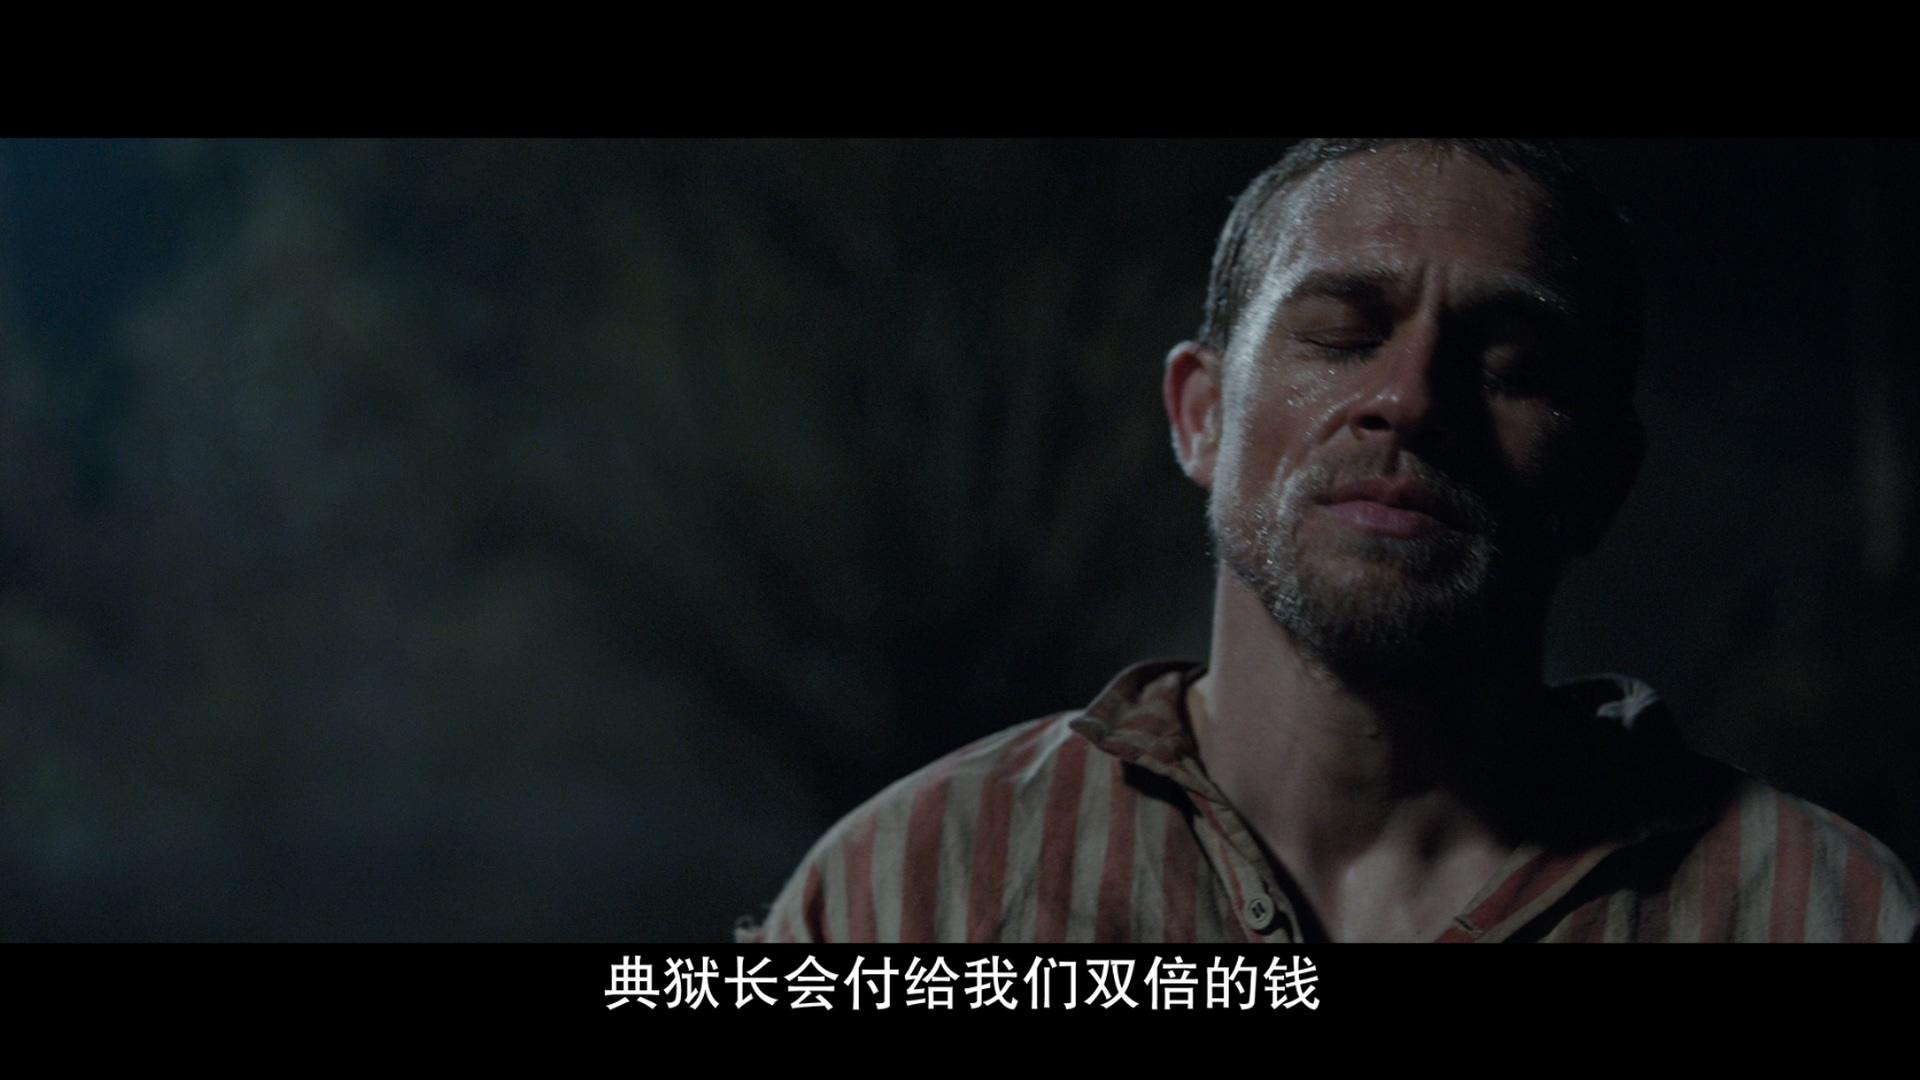 巴比龍/惡魔島---------翻拍自經典同名電影!